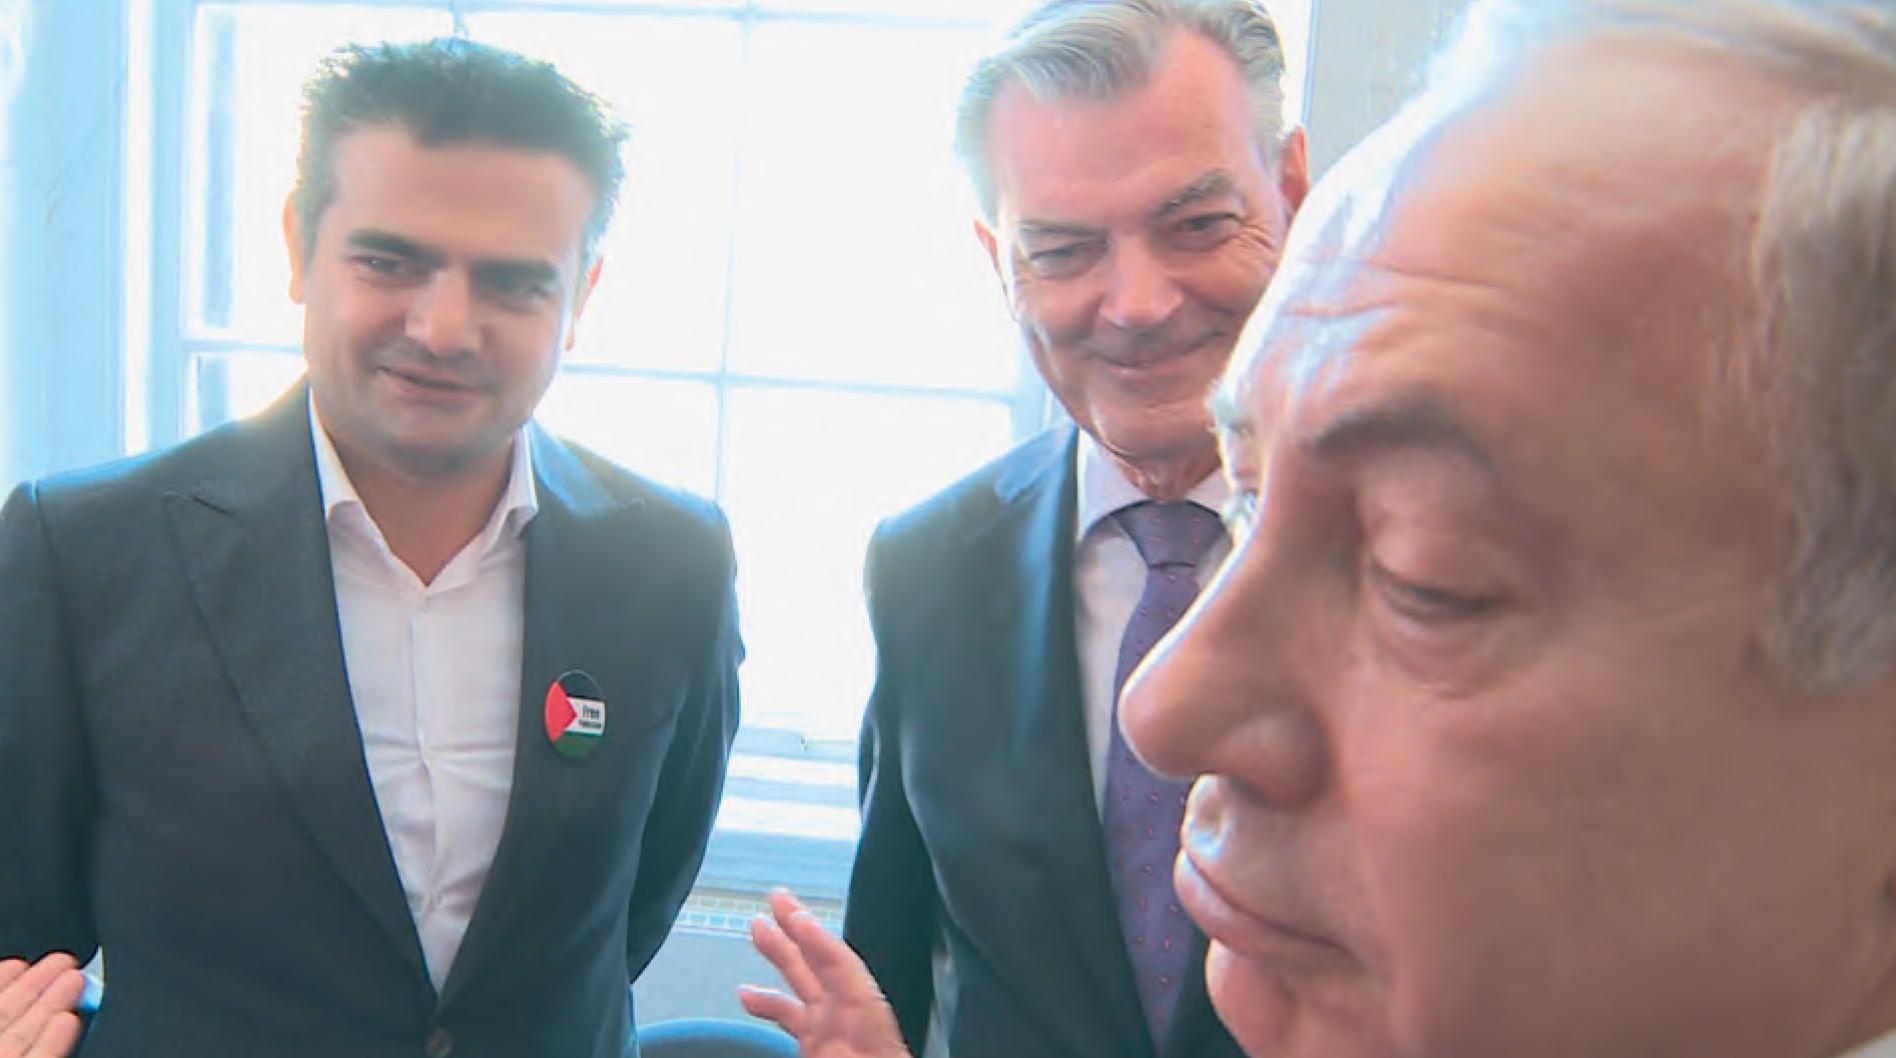 DENK-Kamerlid Tunahan Kuzu (l) weigert Benjamin Netanyahu (r) de hand te schudden